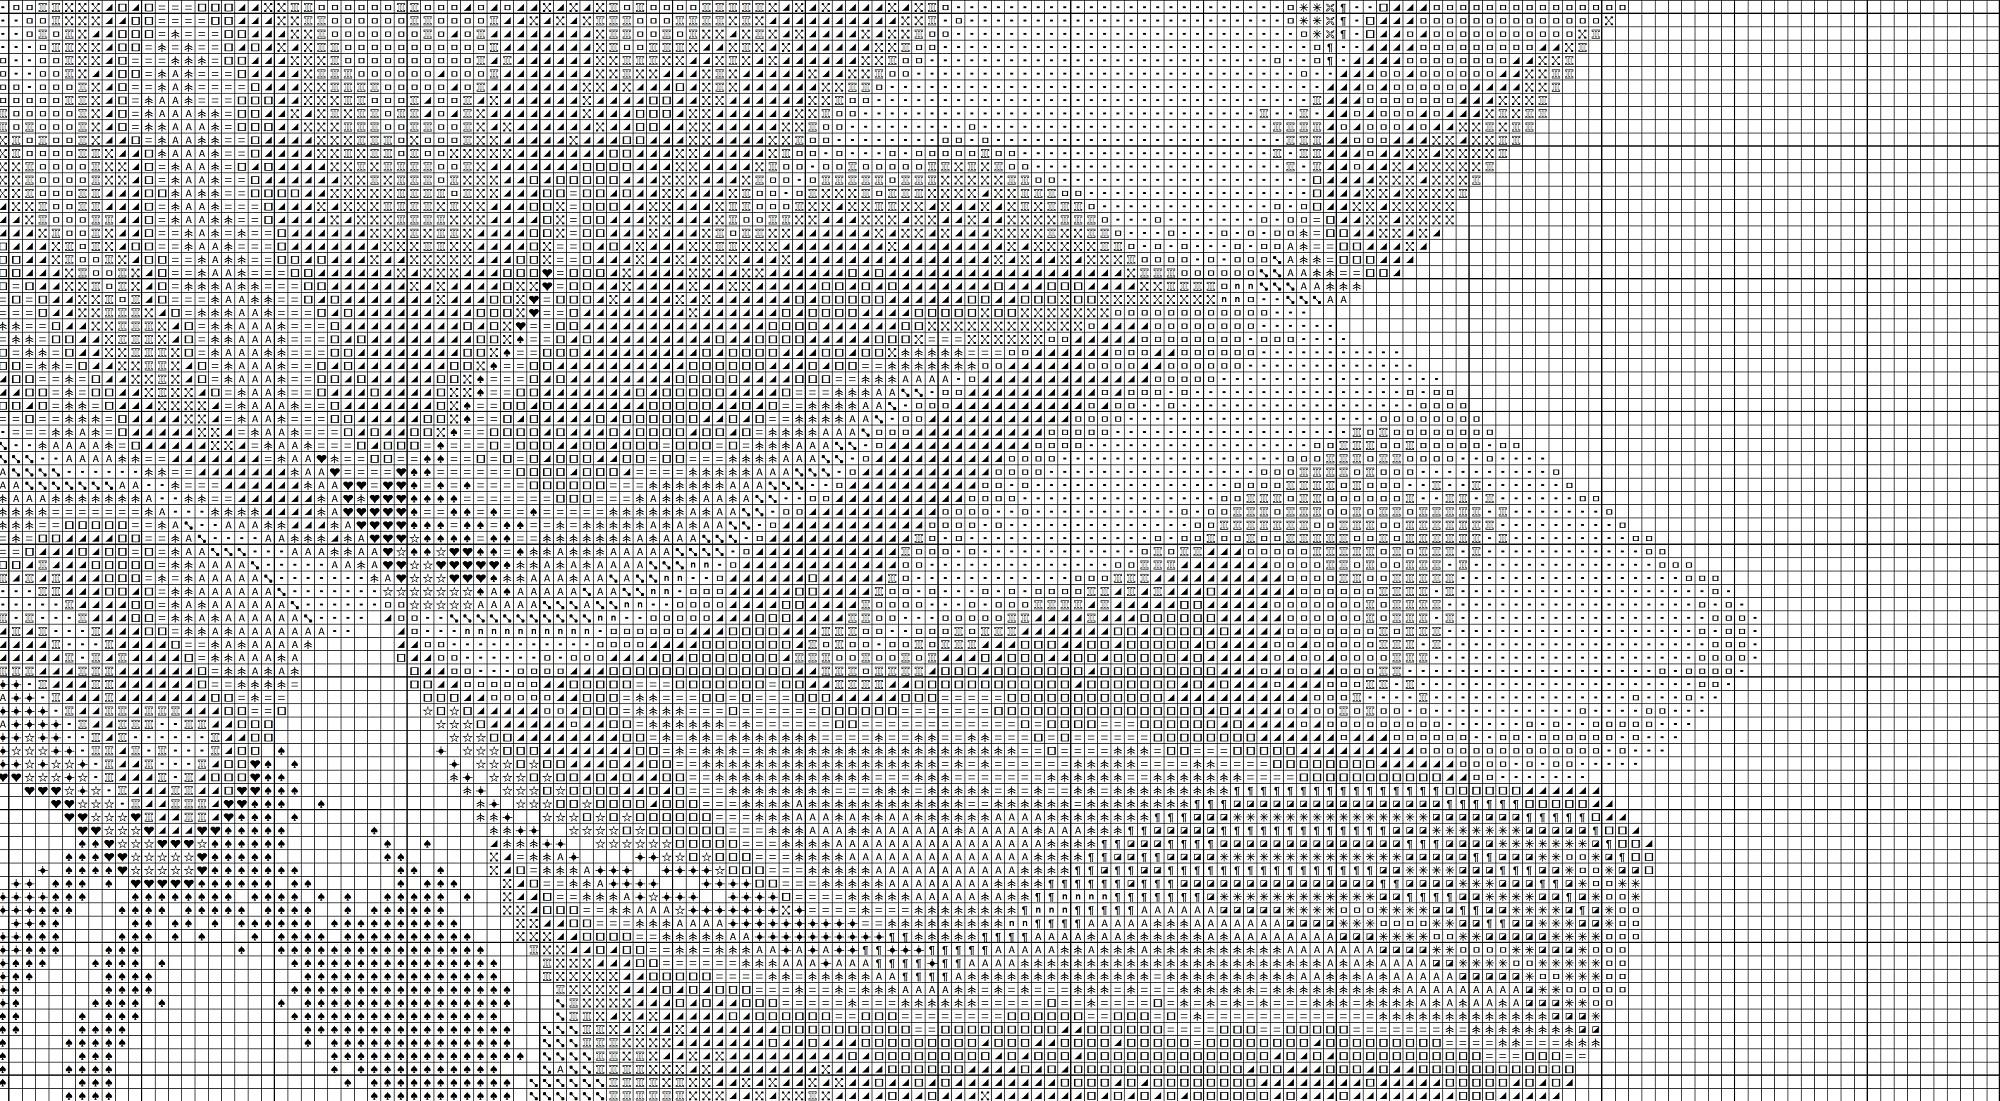 схему для набора вышивания белоснежка пионы